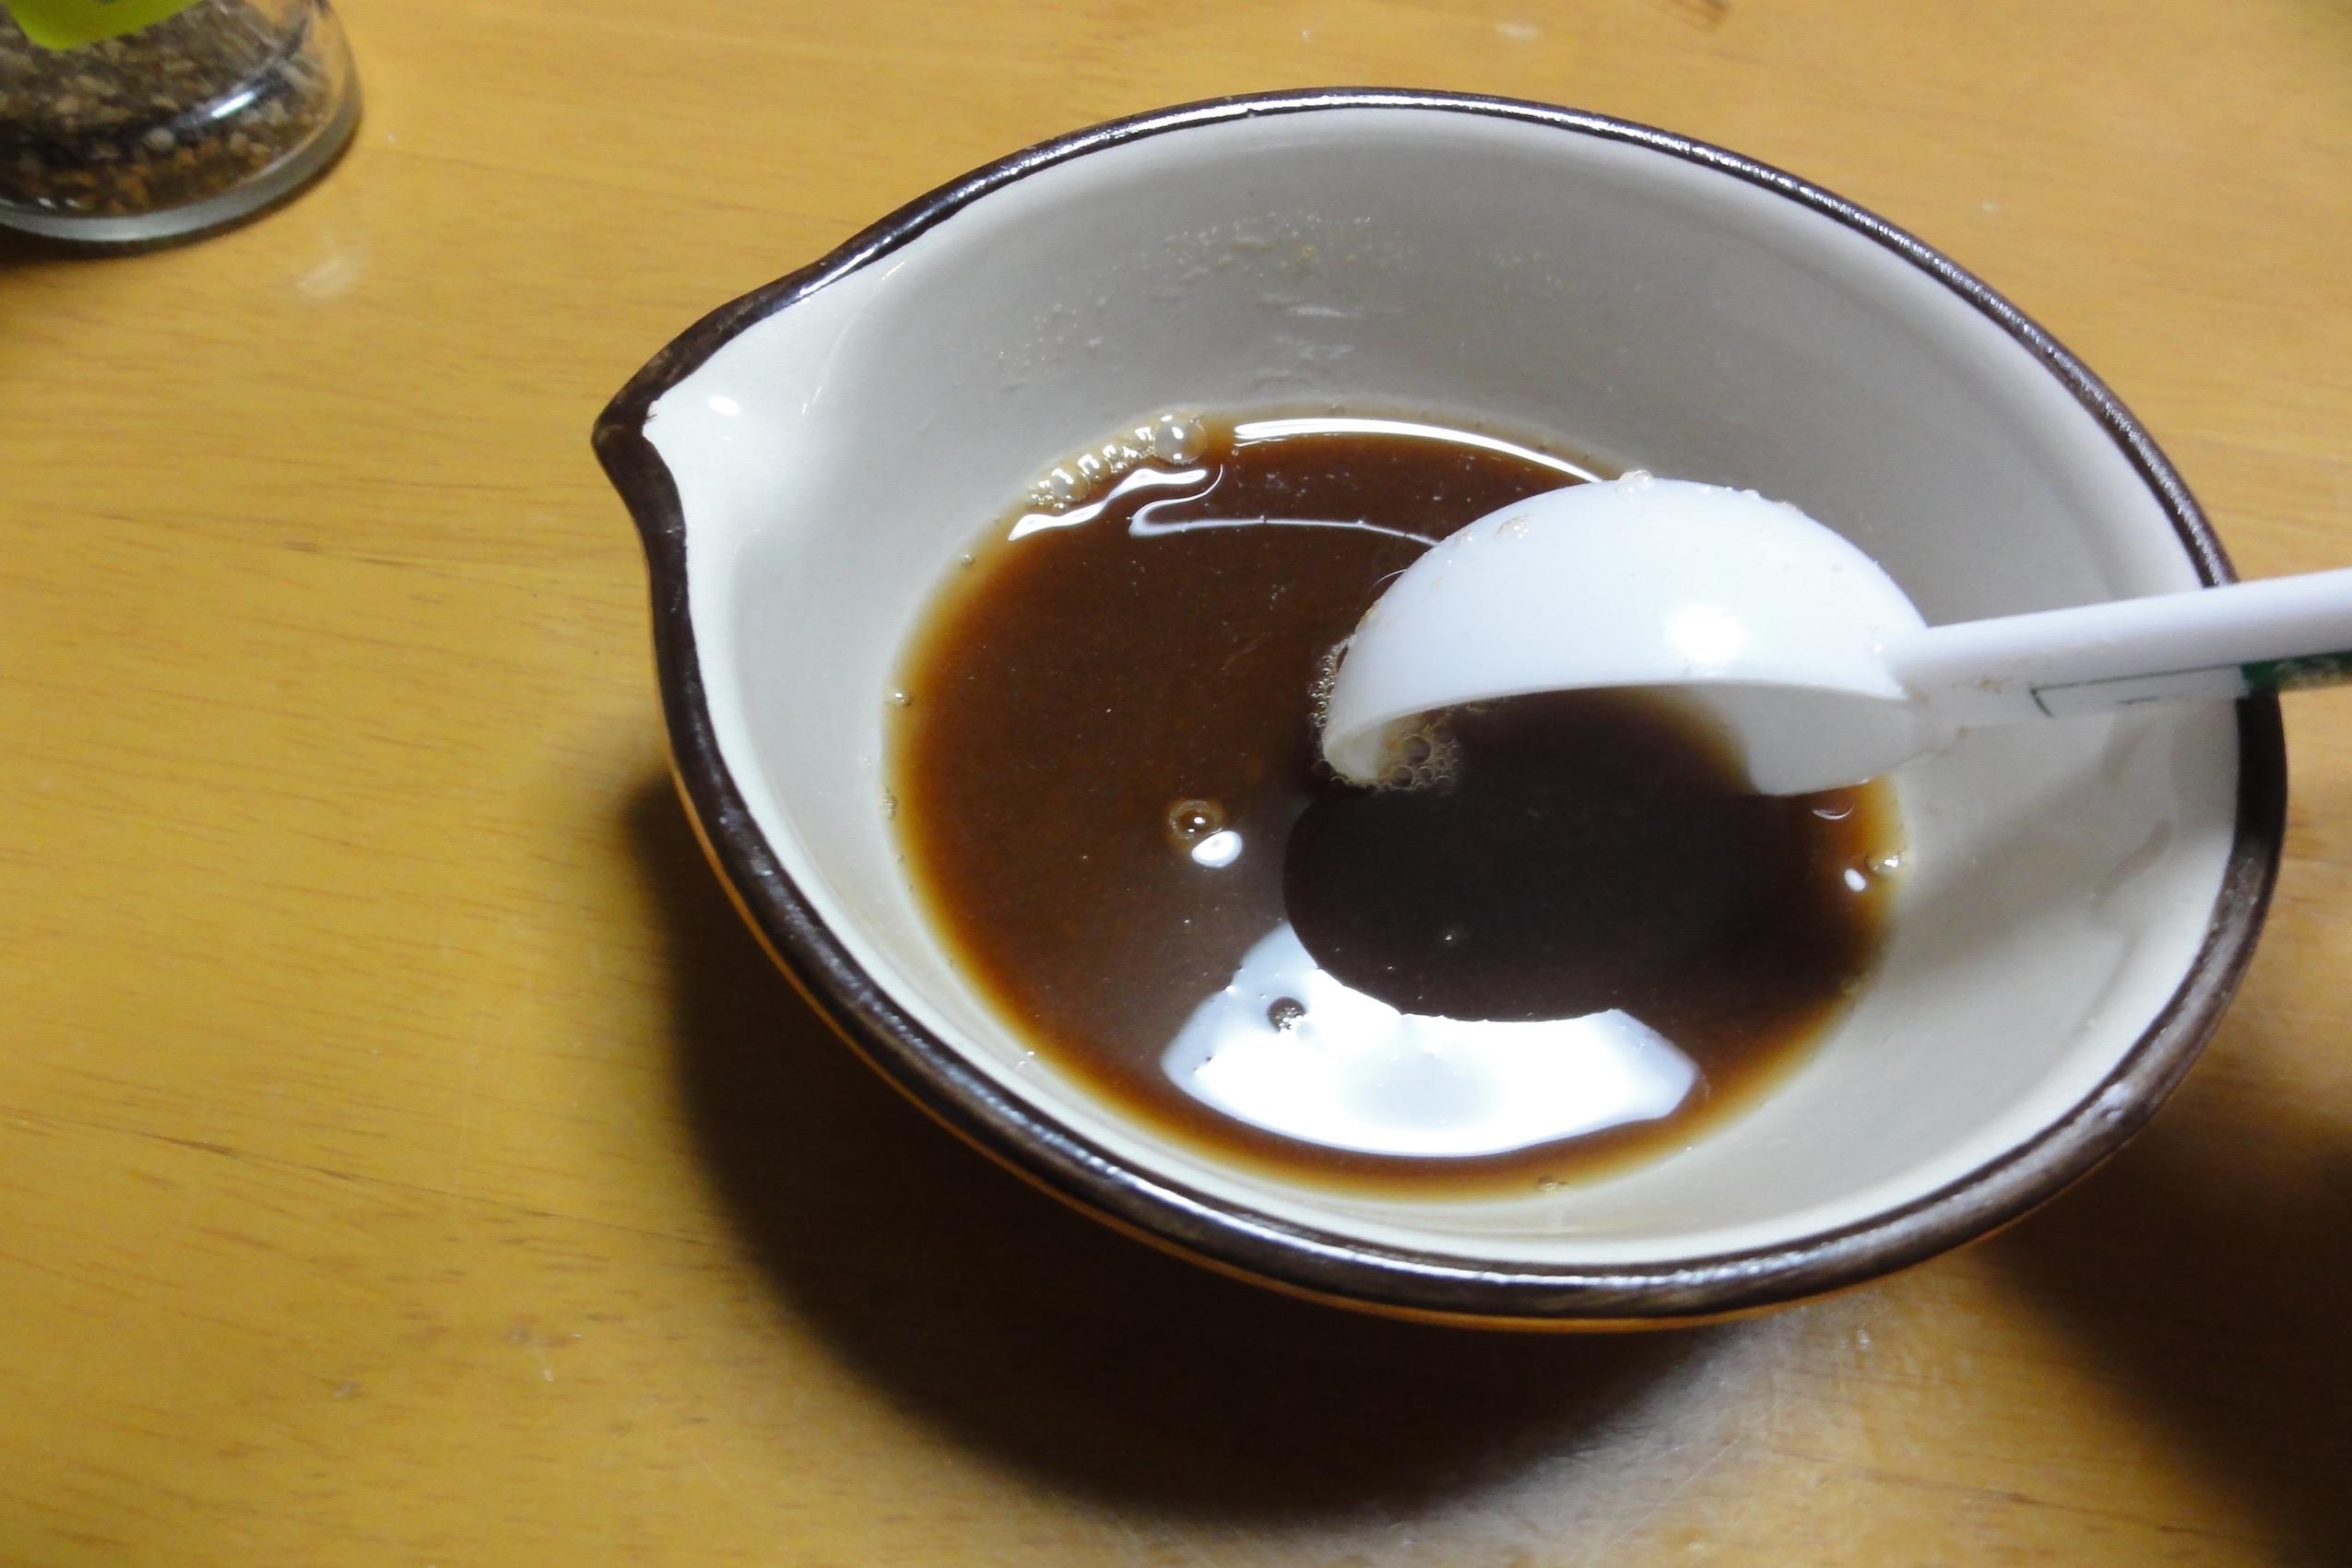 黒糖と水で黒蜜をつくる